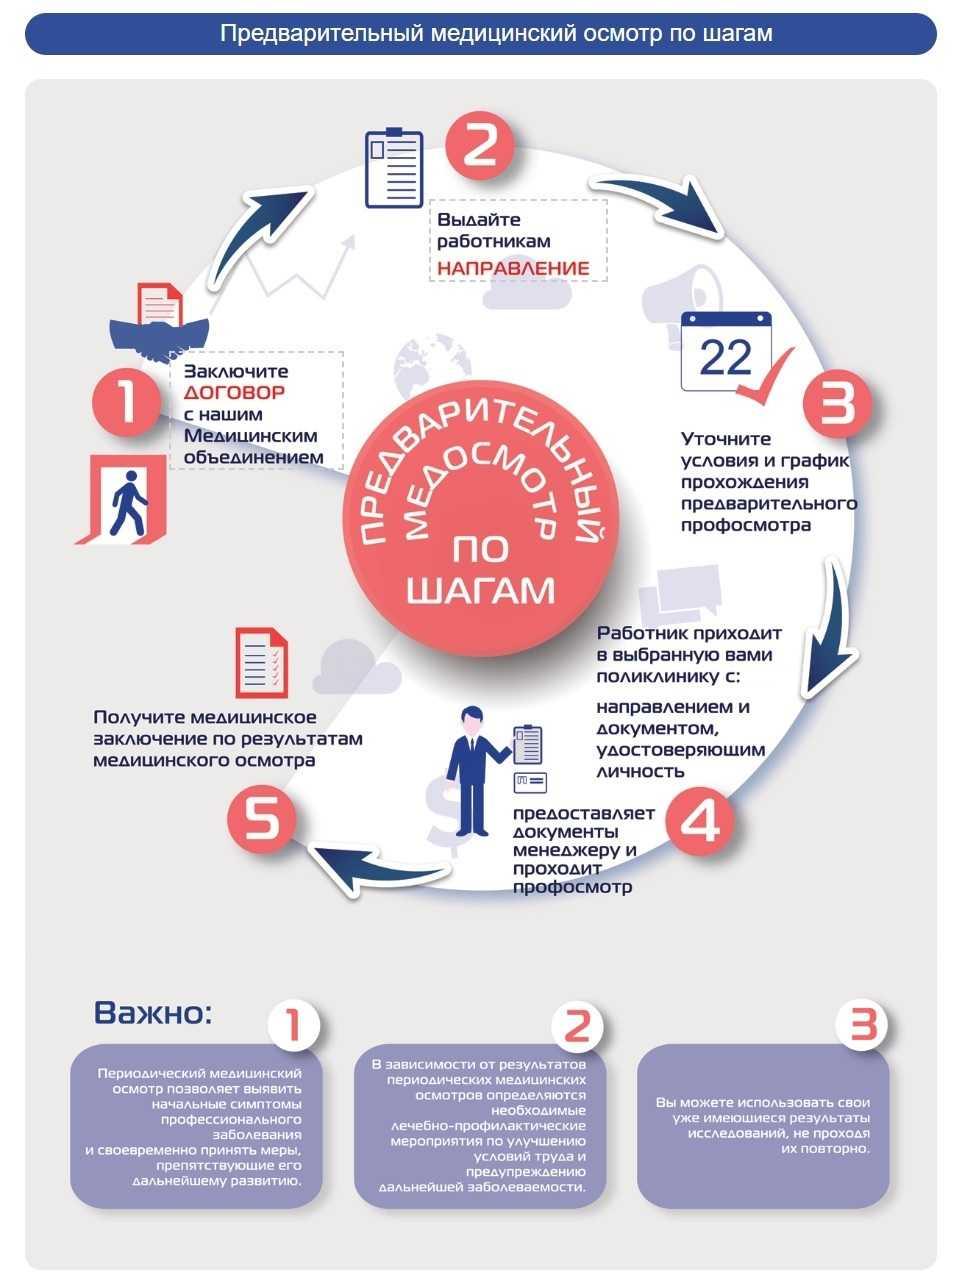 Предварительный медицинский осмотр по шагам в клинике Санталь в Новосибирске